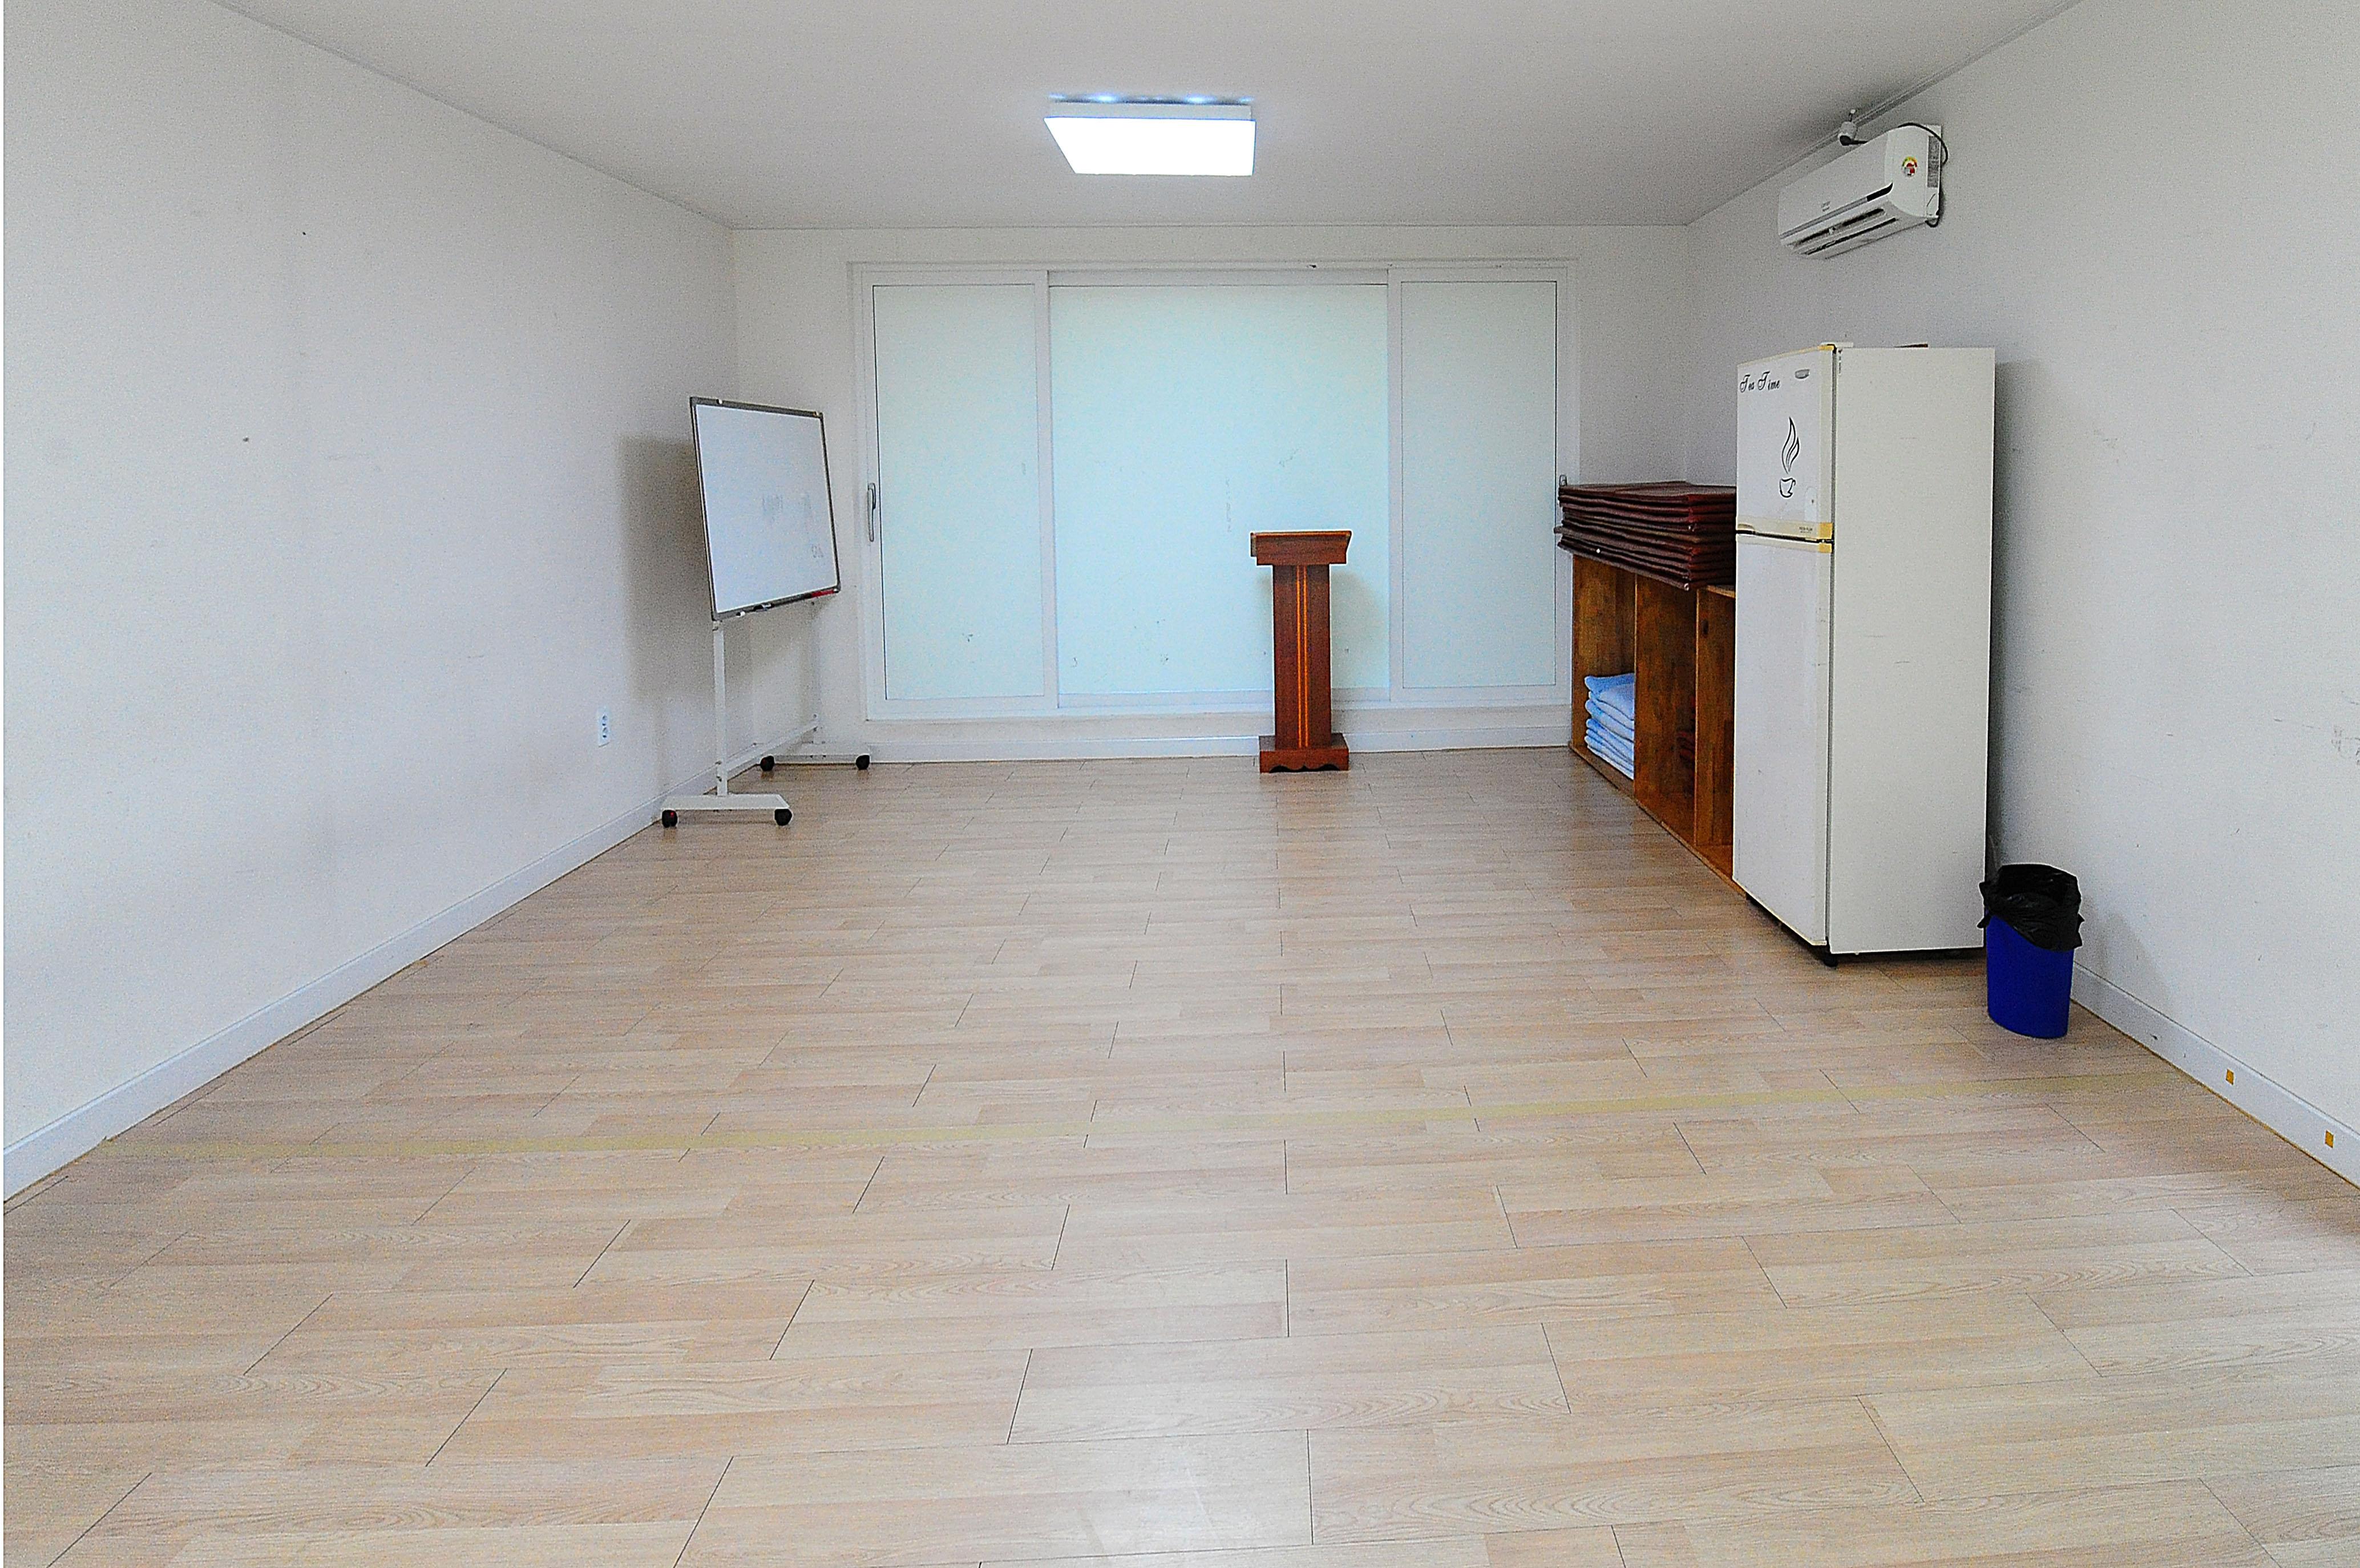 버드나무관 1층 1호실